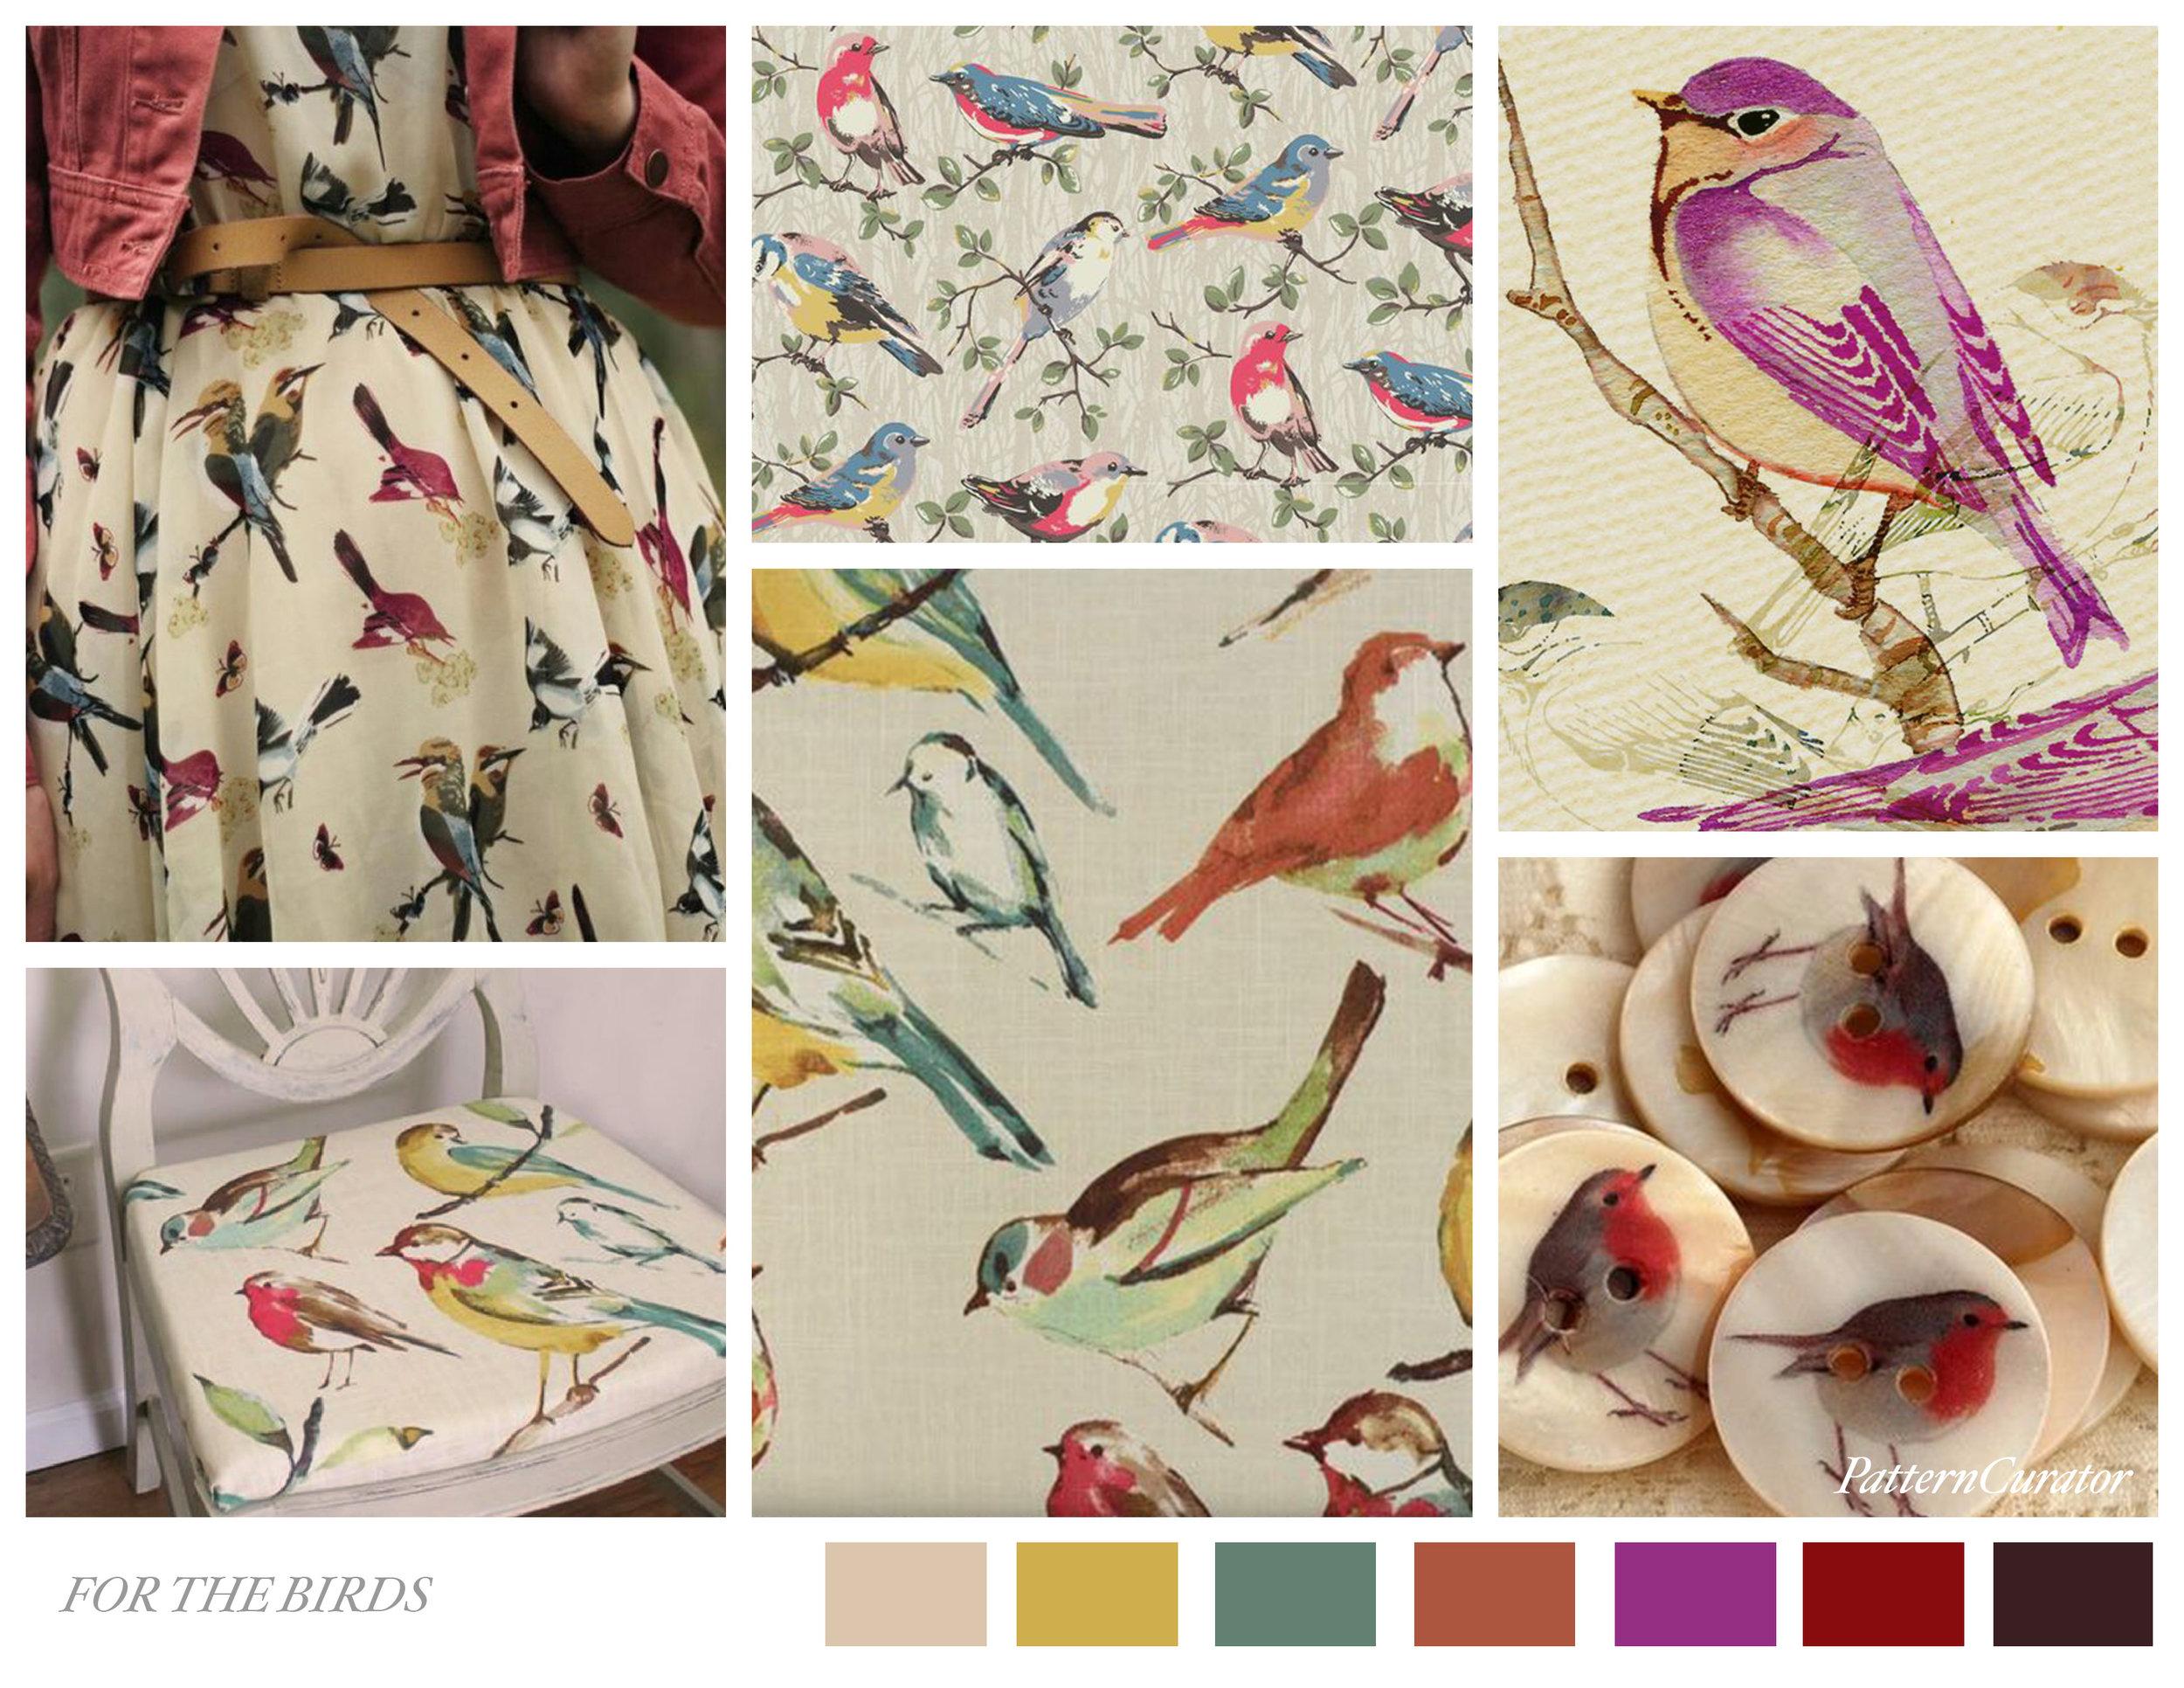 FOR-THE-BIRDS.jpg